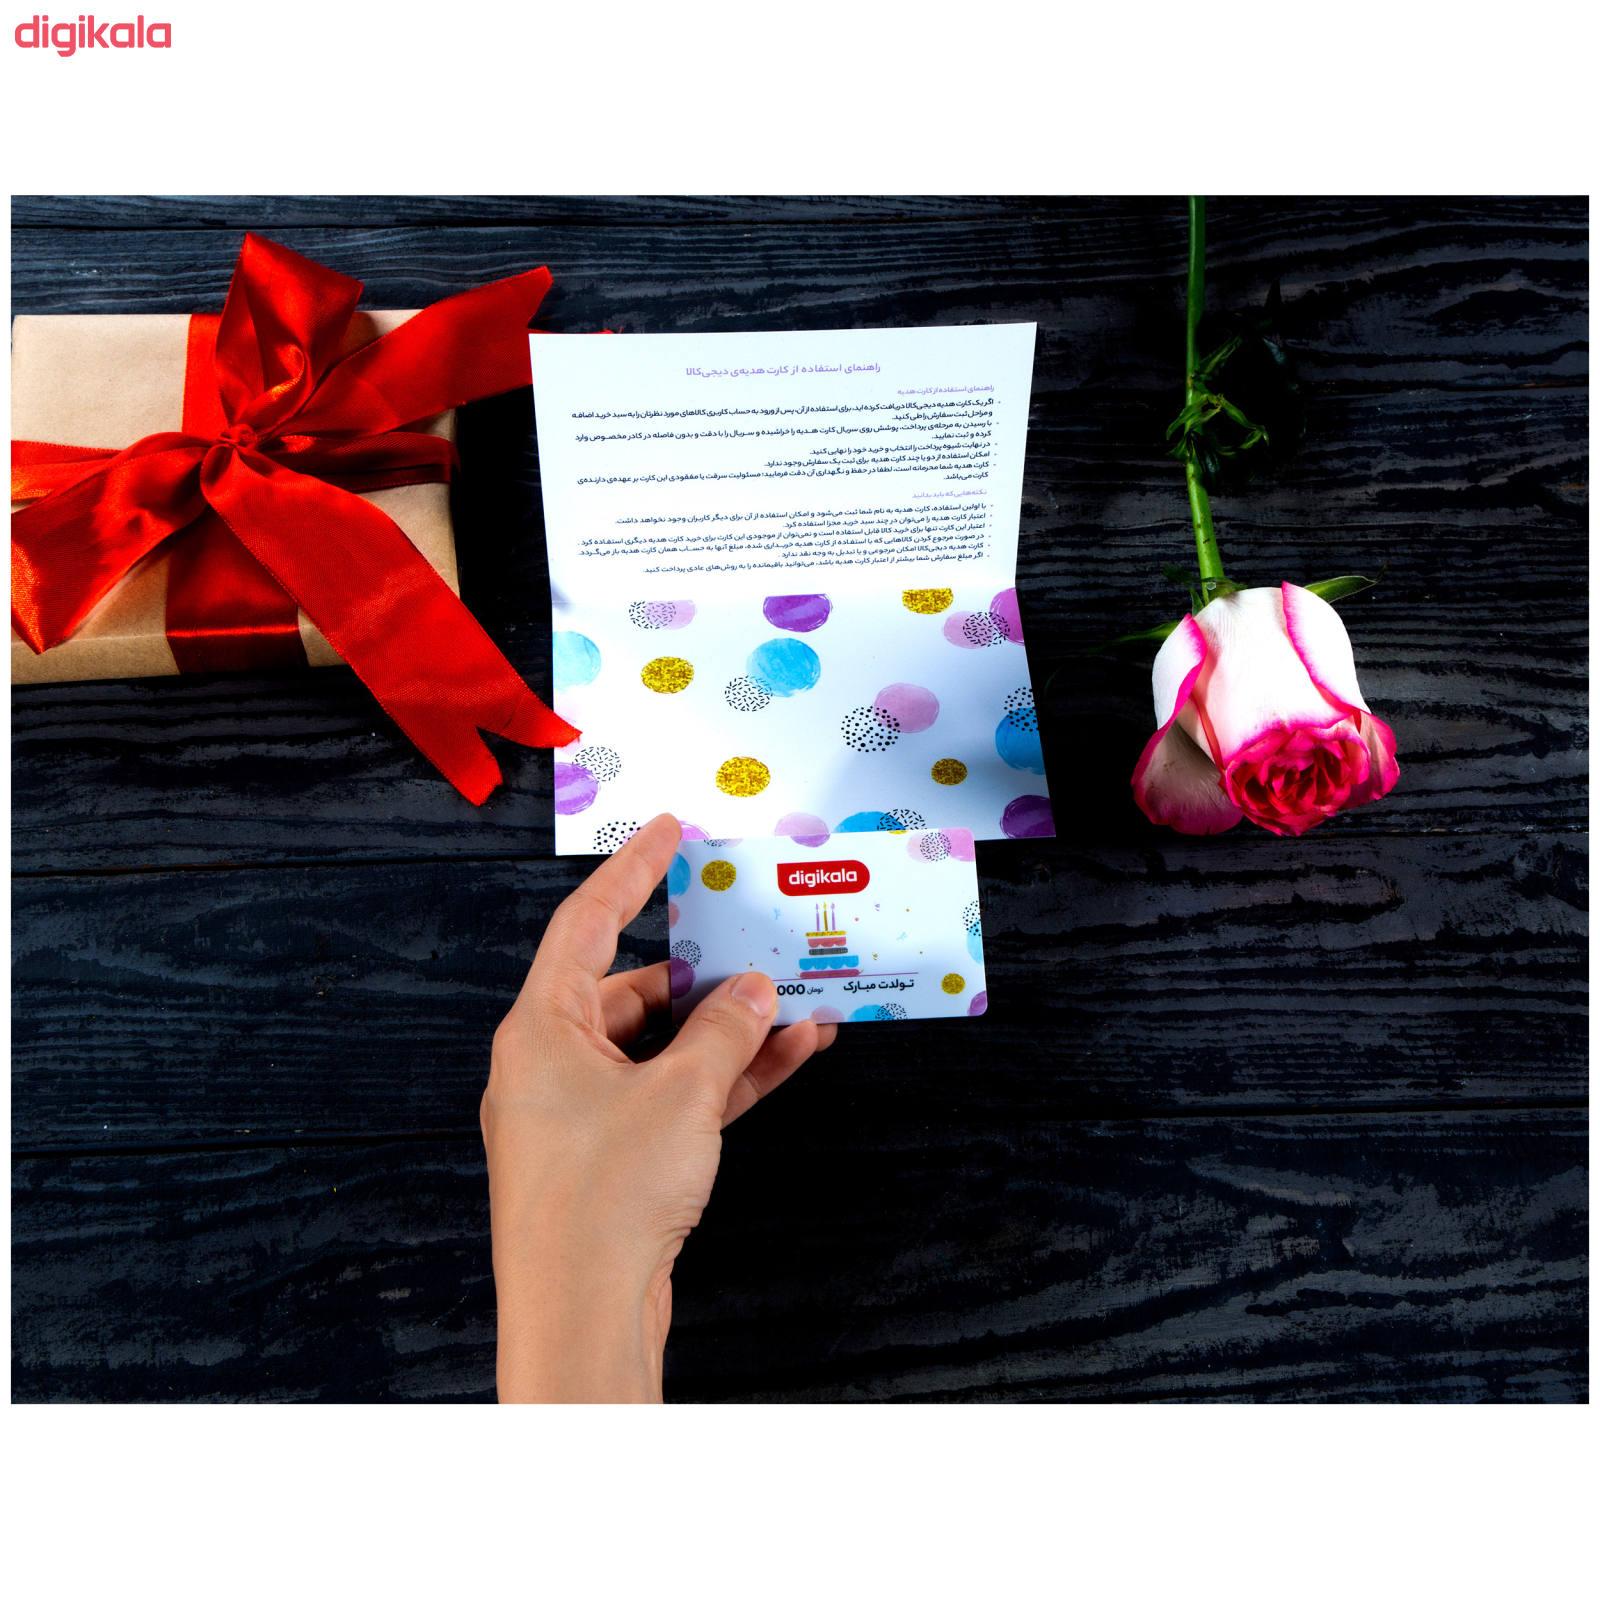 کارت هدیه دیجی کالا به ارزش 500,000 تومان طرح تولد main 1 4